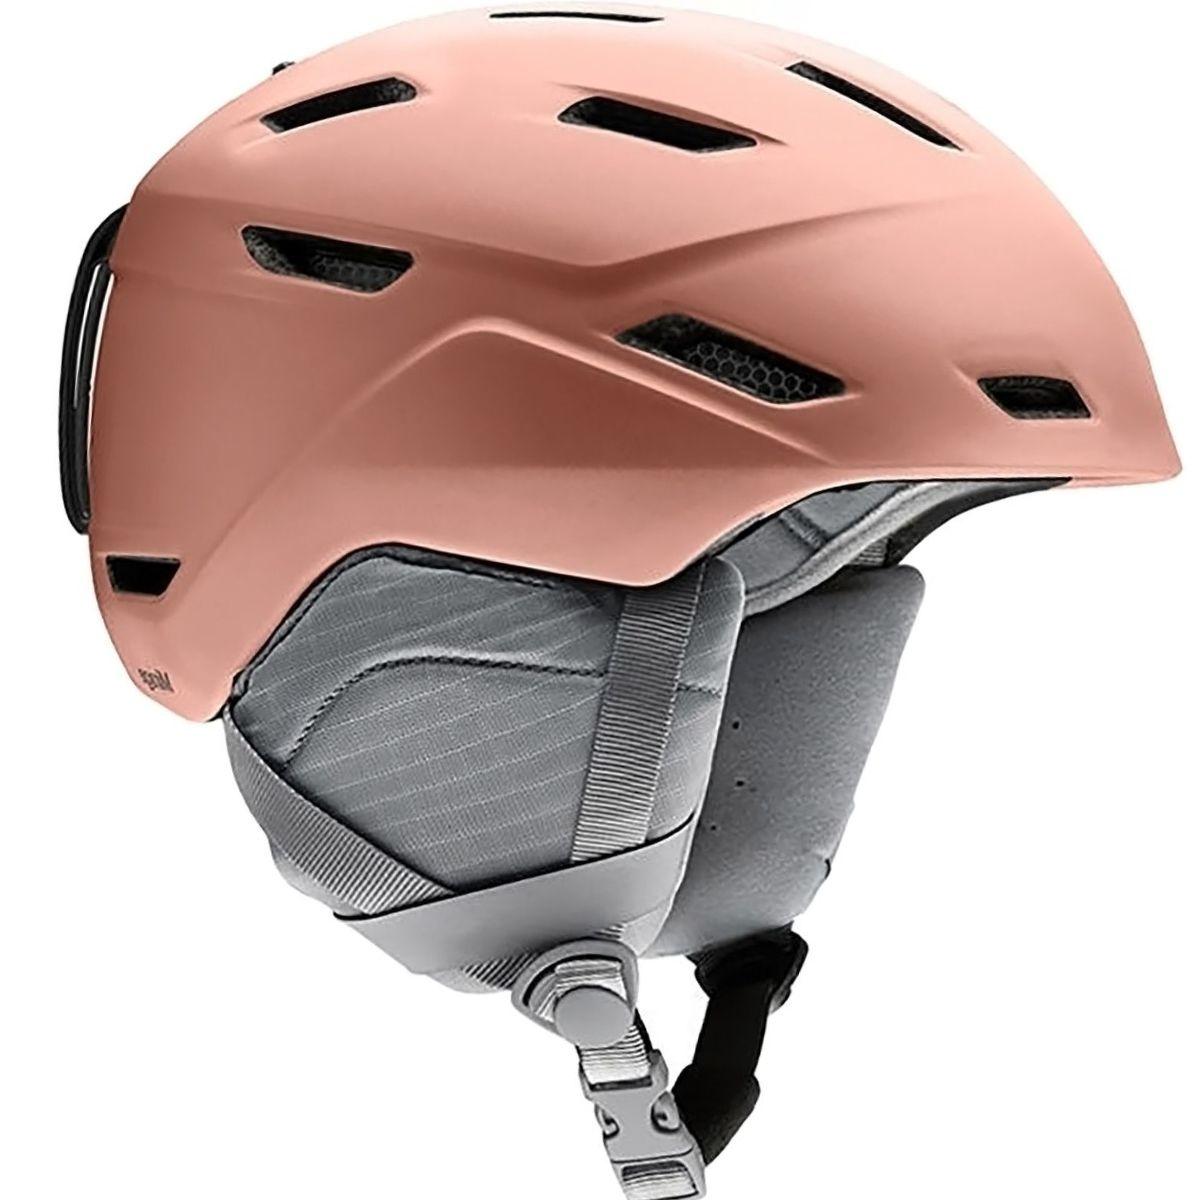 Smith Mirage Helmet - Women's